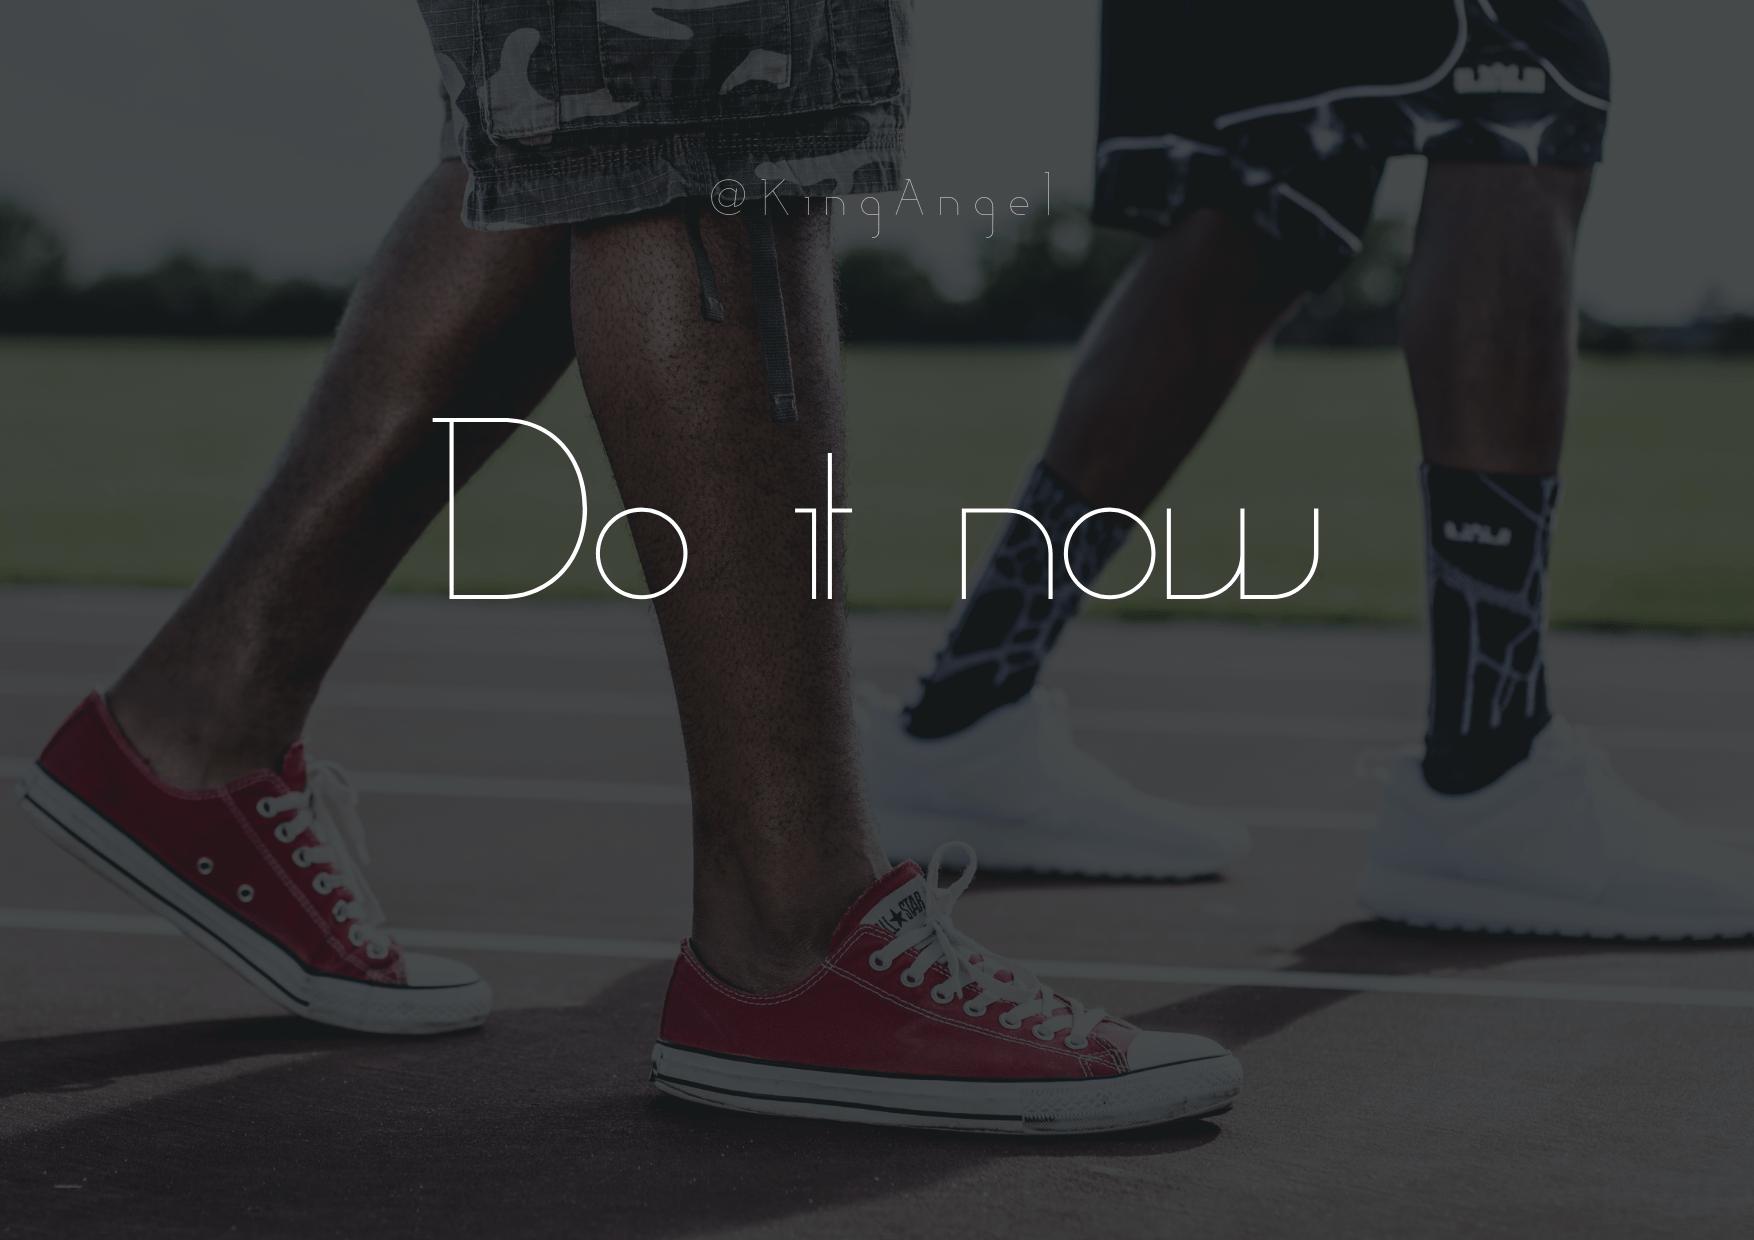 Footwear,                Shoe,                Leg,                Human,                Joint,                Knee,                Recreation,                Foot,                Outdoor,                Athletic,                Calf,                Sneakers,                Wording,                 Free Image